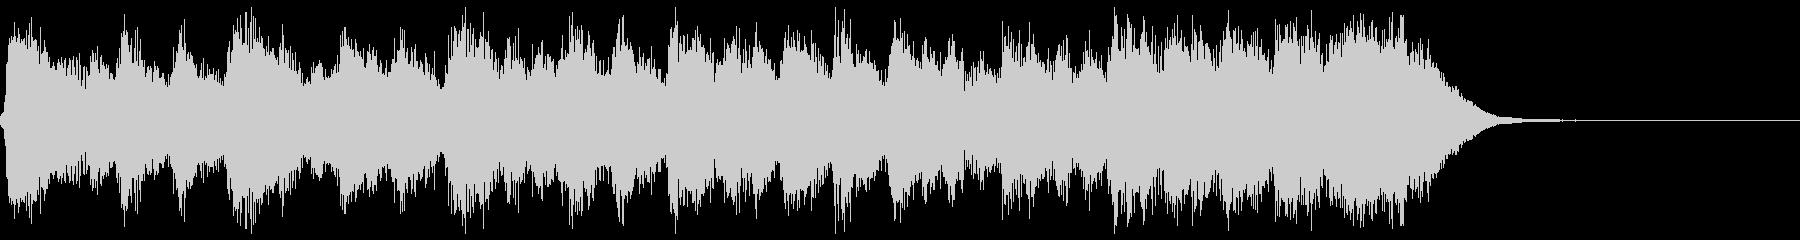 古風で格調高いフルオケジングル合唱抜の未再生の波形